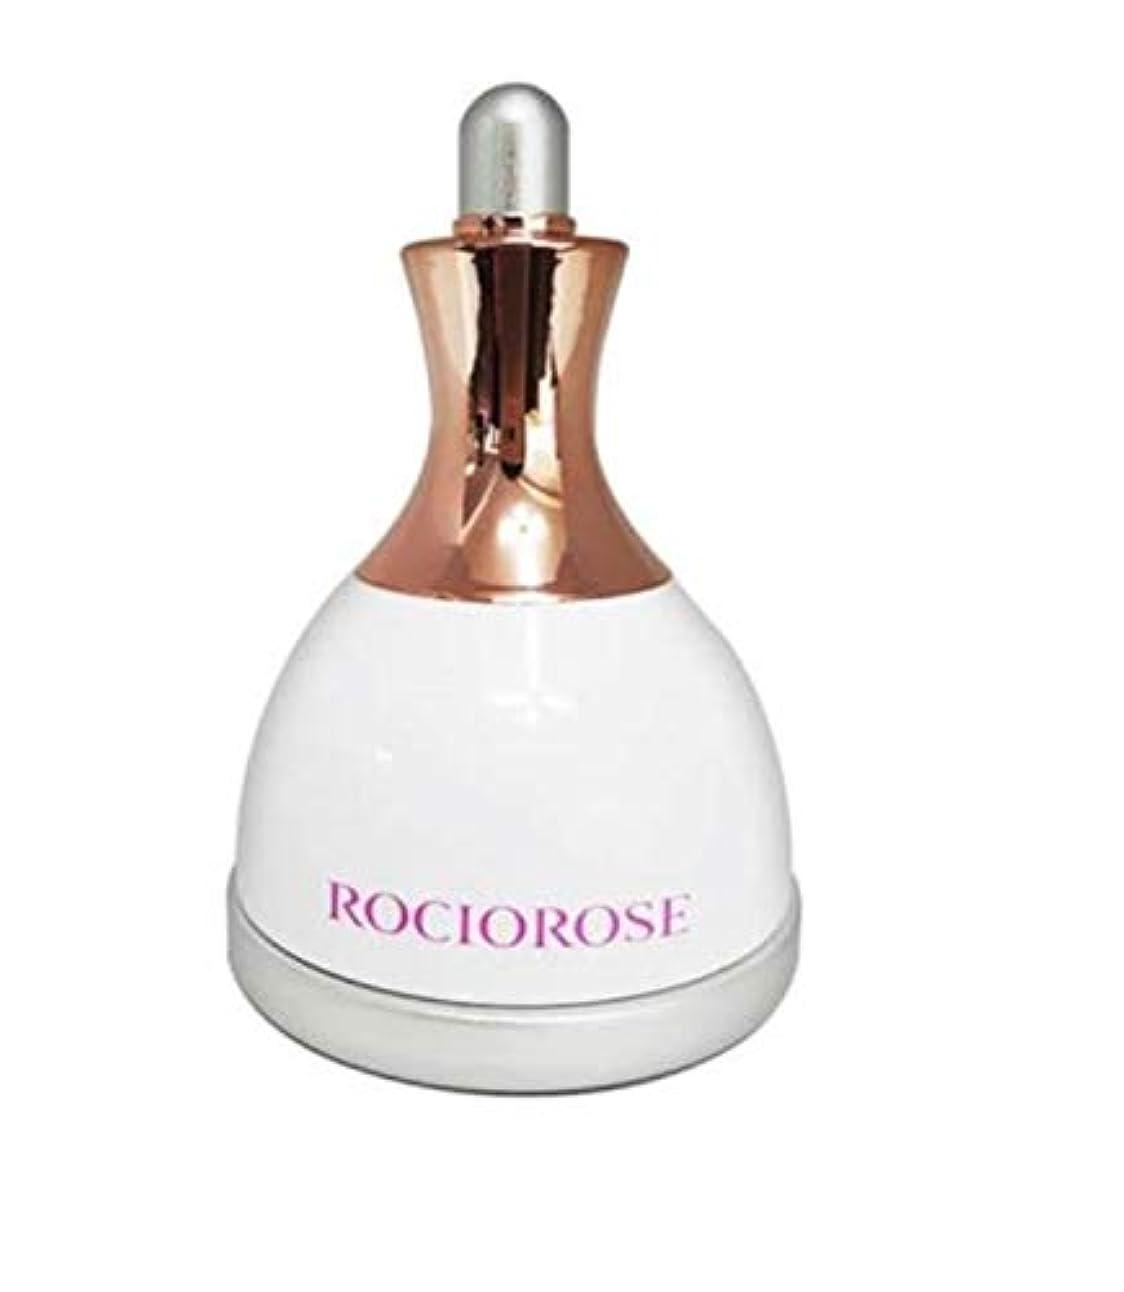 Rociorose Ice Skin Cooler Face&Eyeフェイスクーラーアイスローラーフェイスローラー顔マッサージ機構の腫れ抜き方法毛穴縮小(海外直送品)